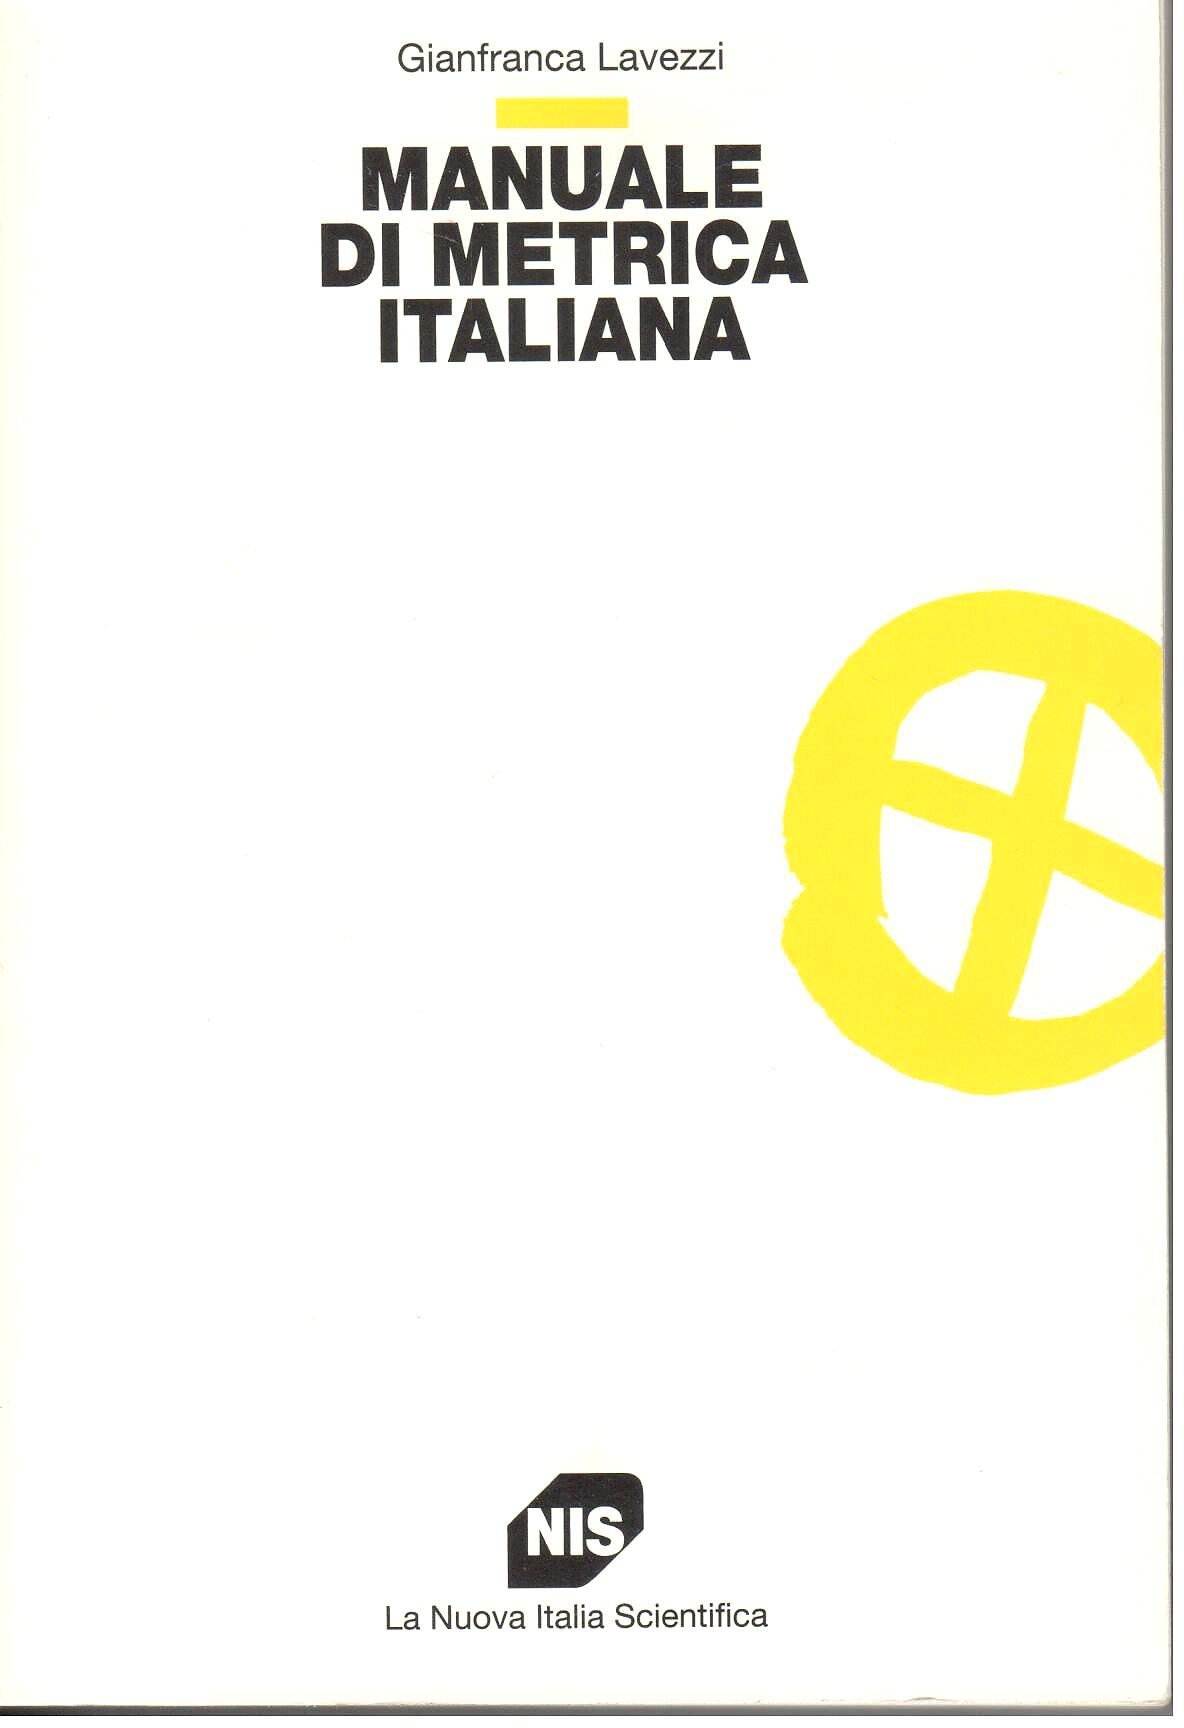 Manuale di metrica italiana